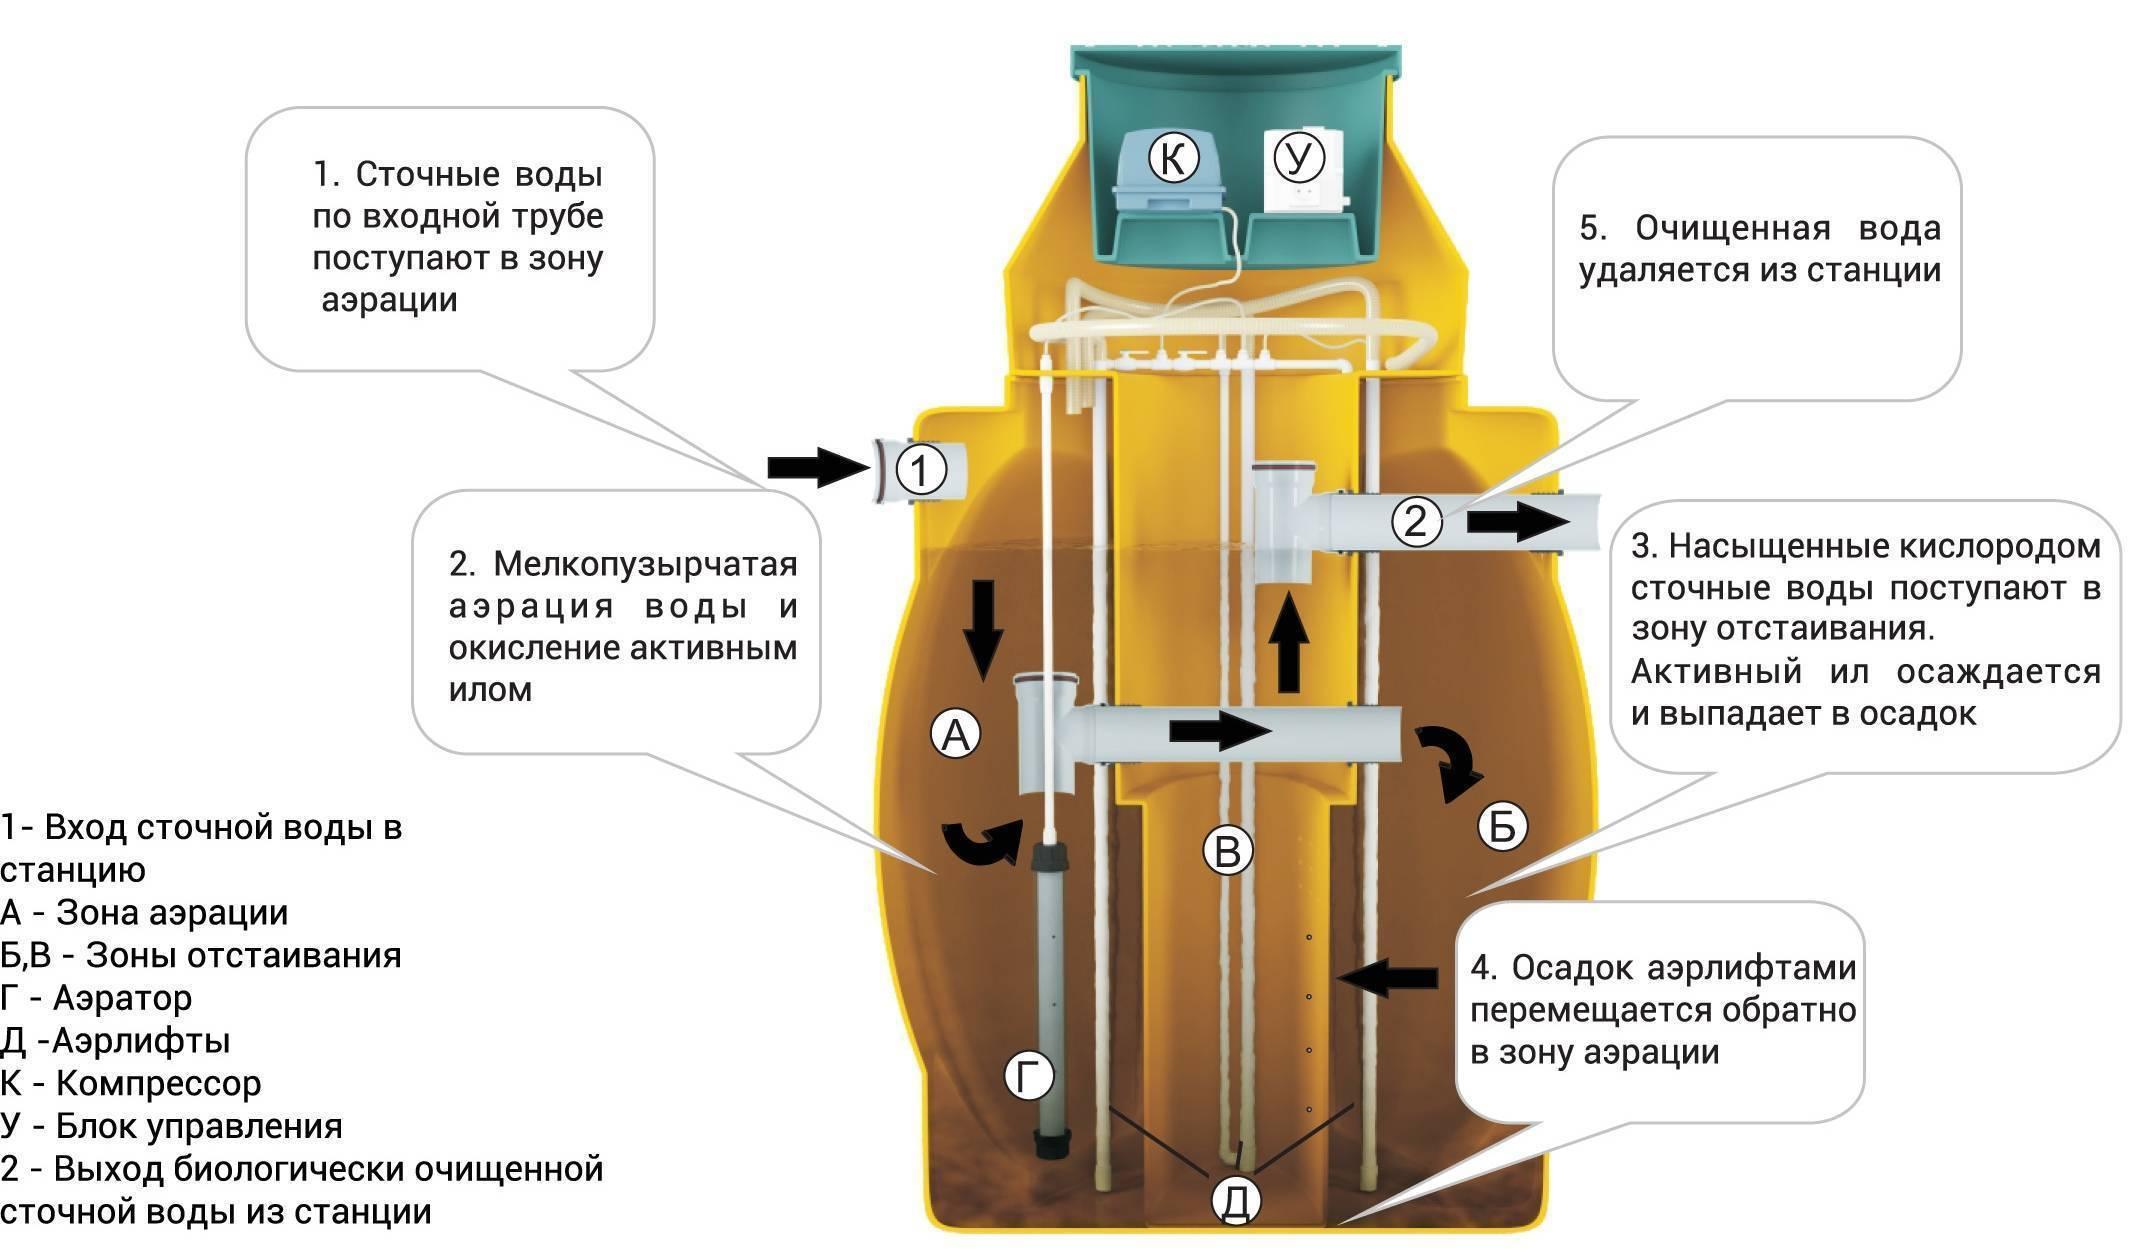 Септик ак-47: удачное решение для устройства канализации на даче